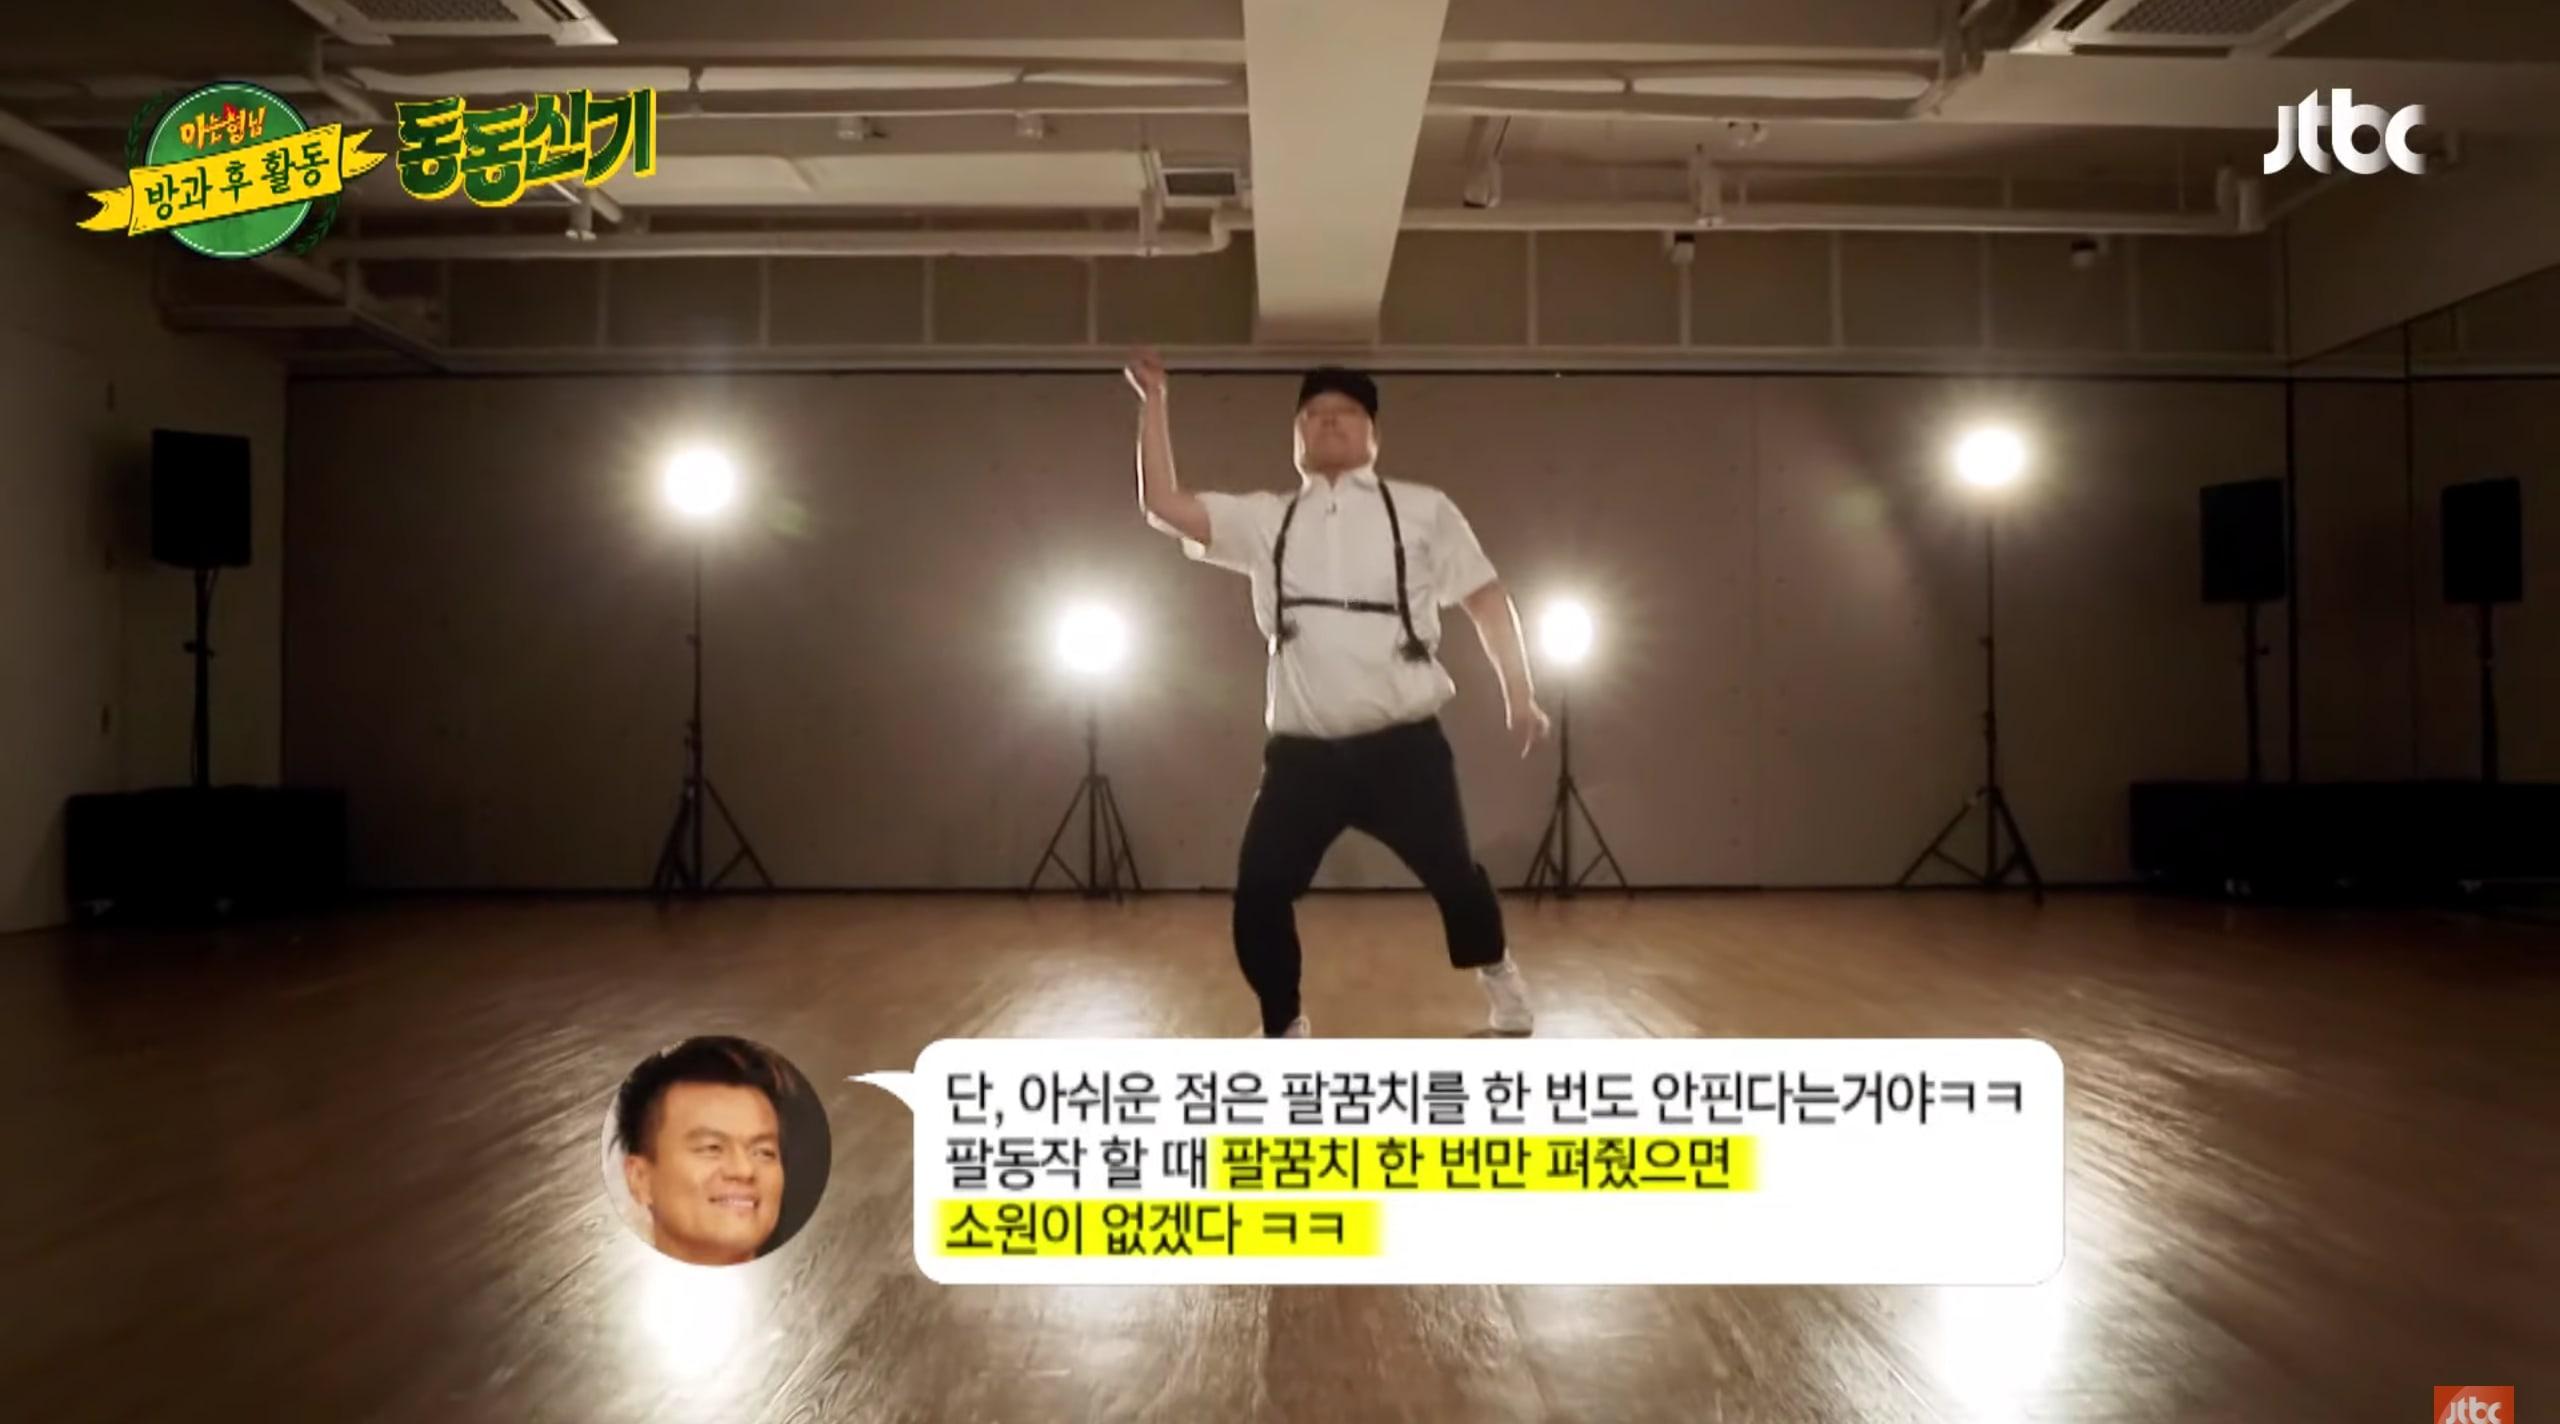 kang-ho-dong-shindong-dance-my-house-taught-2pm-wooyoung-stray-kids-bang-chan-1